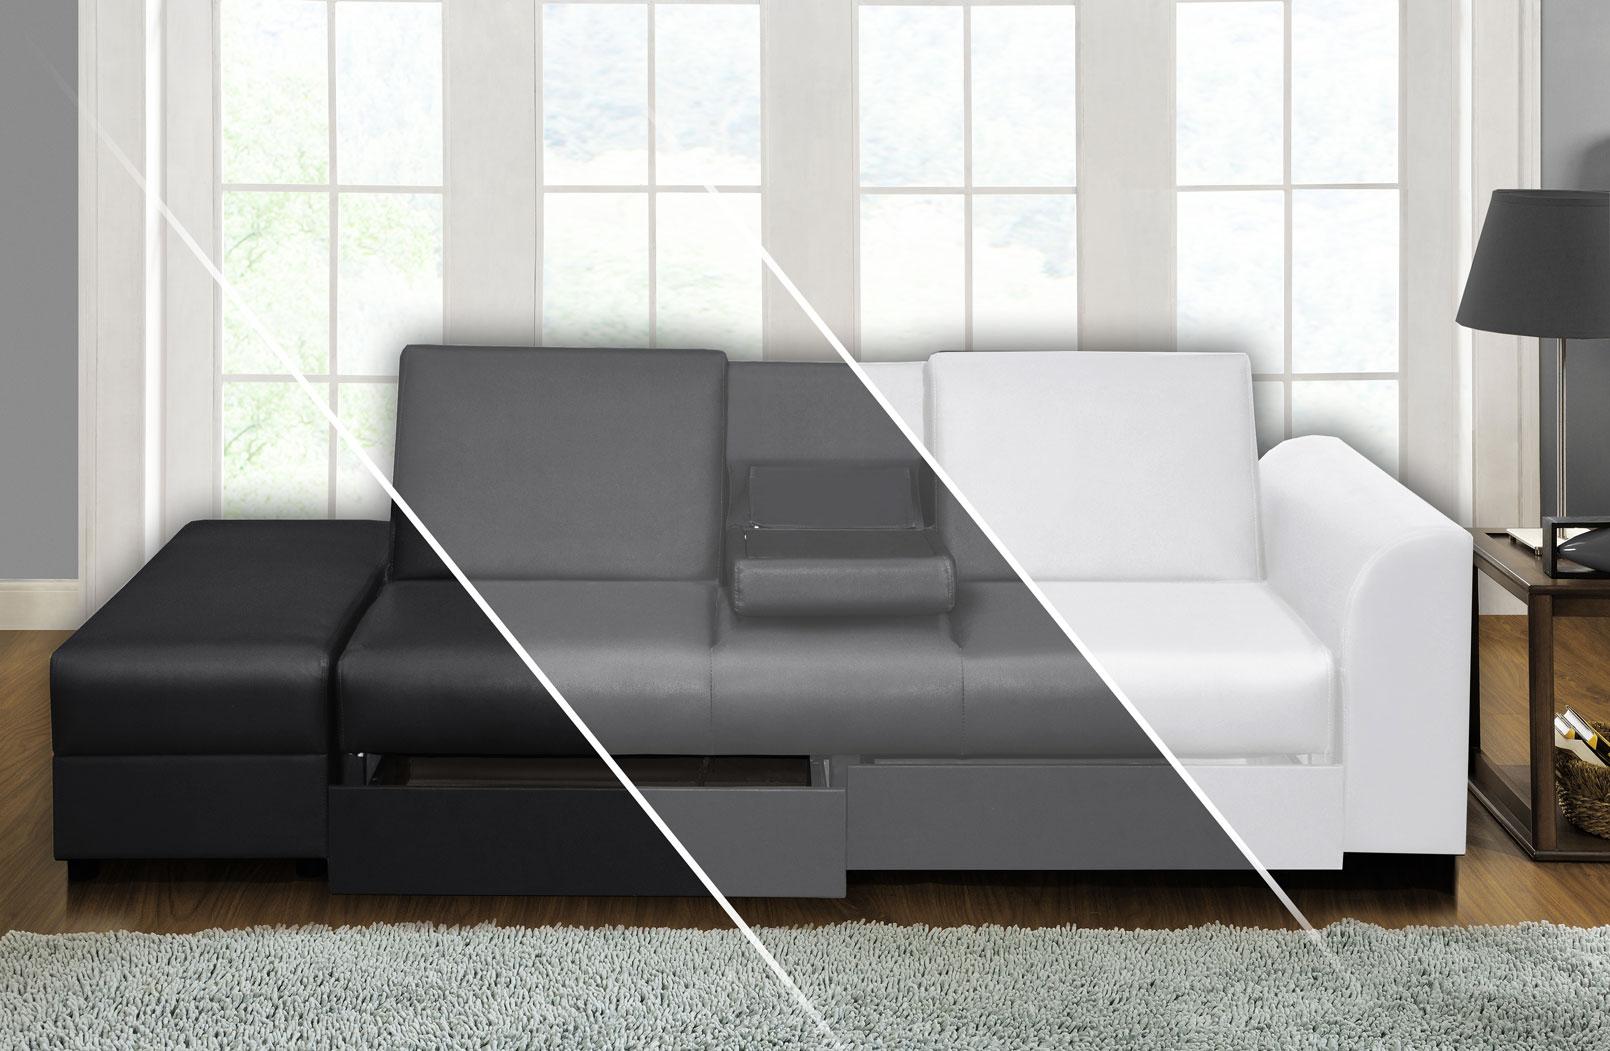 sofa cama plegable multifuncional com used sofá el cairo sofás piel artificial